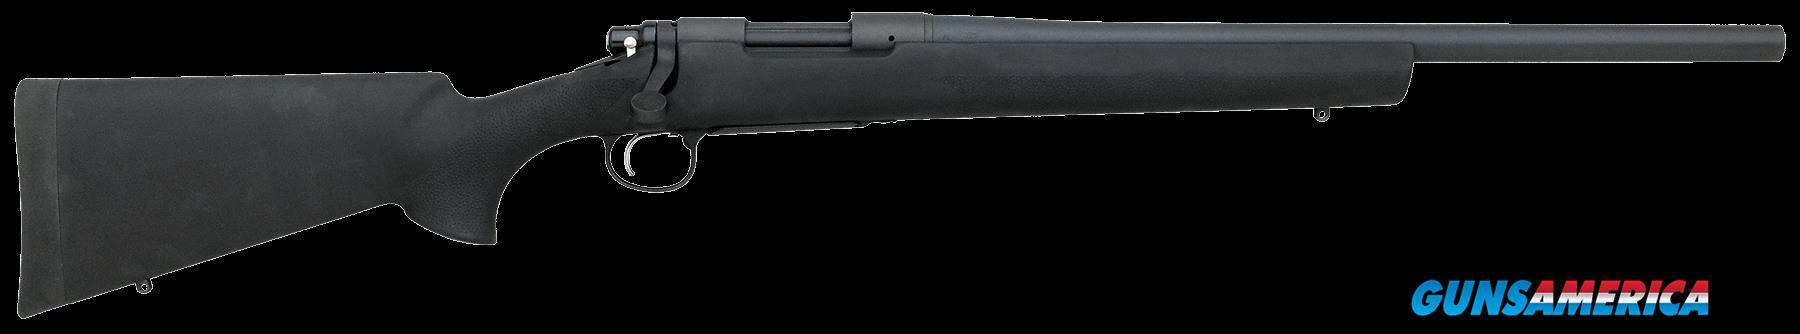 Remington Firearms 700, Rem.84207 700 Sps Tact 308 Hog 20  Blk  Guns > Pistols > 1911 Pistol Copies (non-Colt)